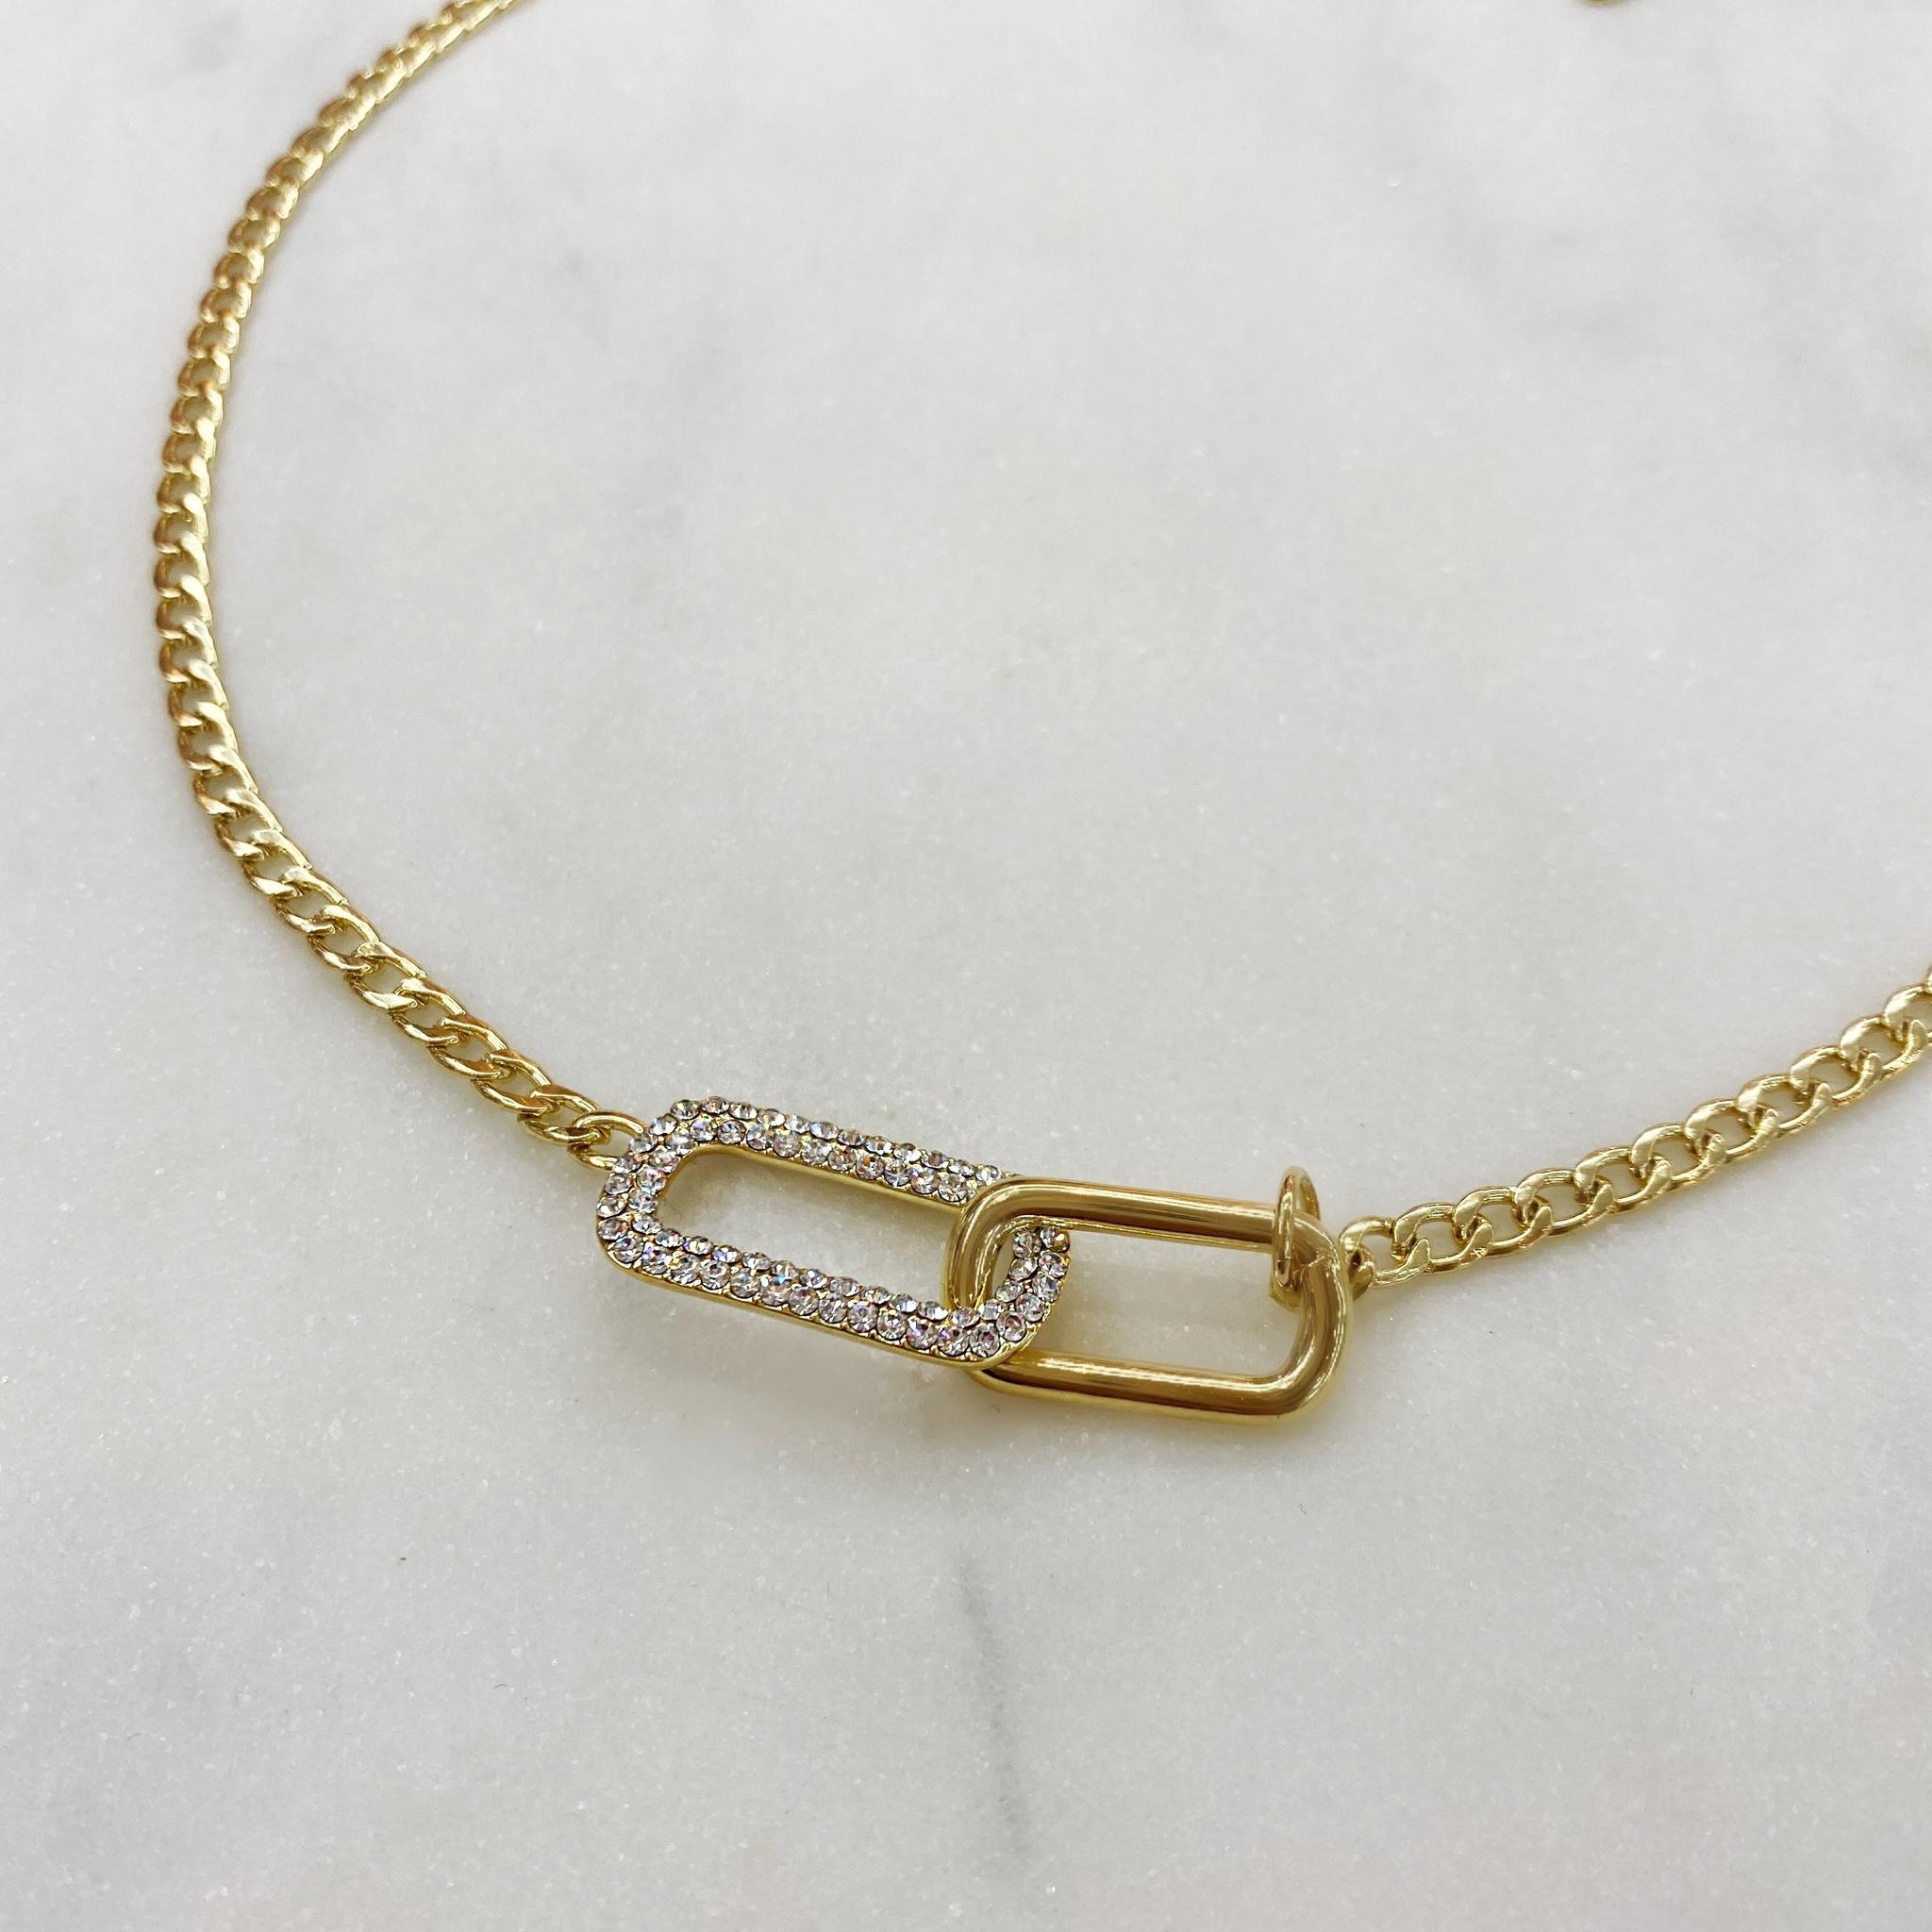 Колье-цепь с звеном инкрустированным Swarovski 40 см (золотистый)